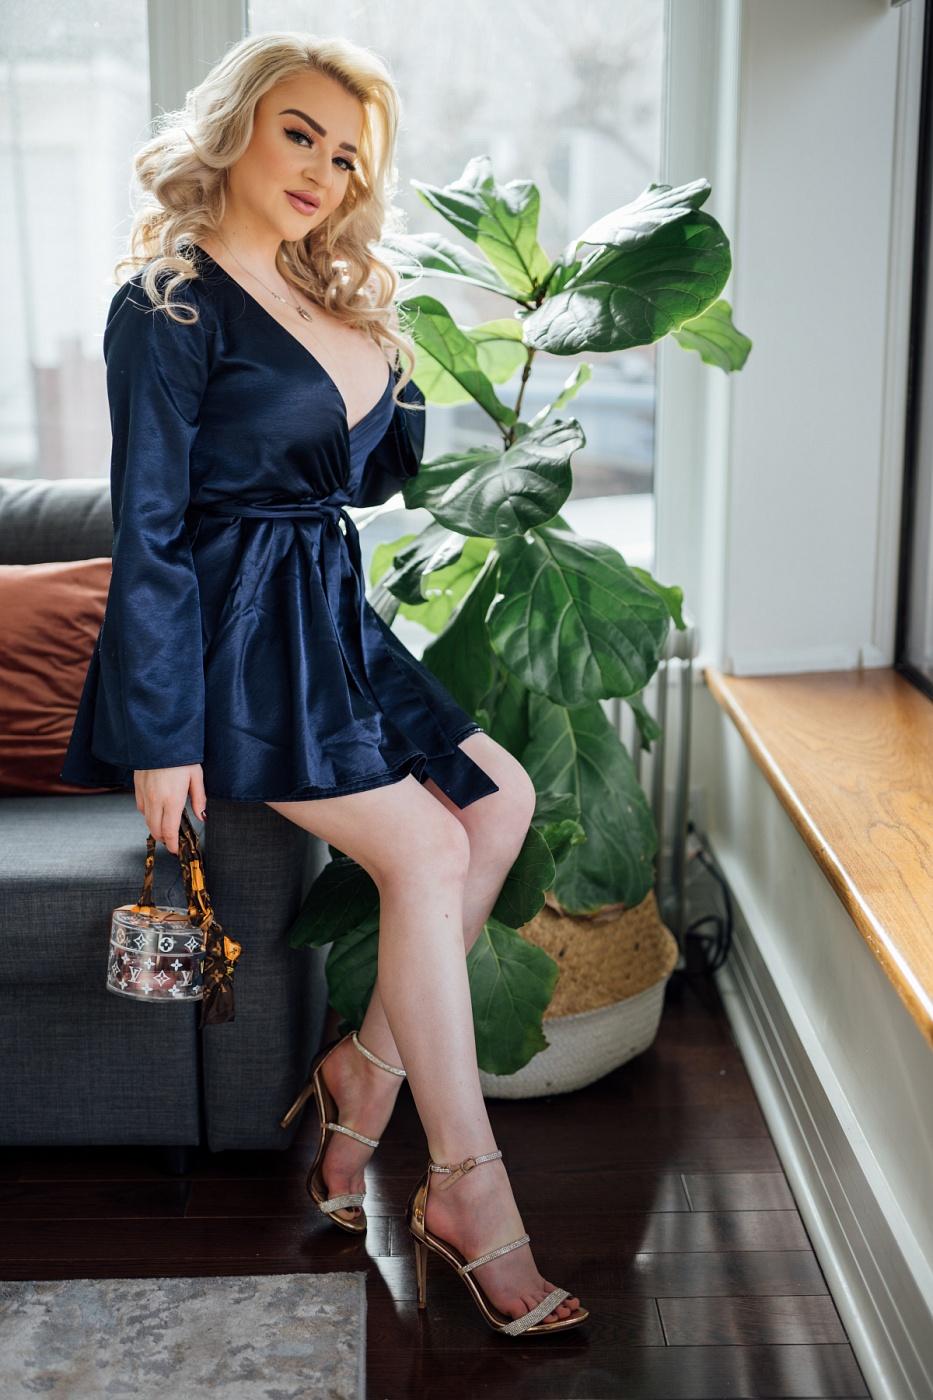 Karina Valentina